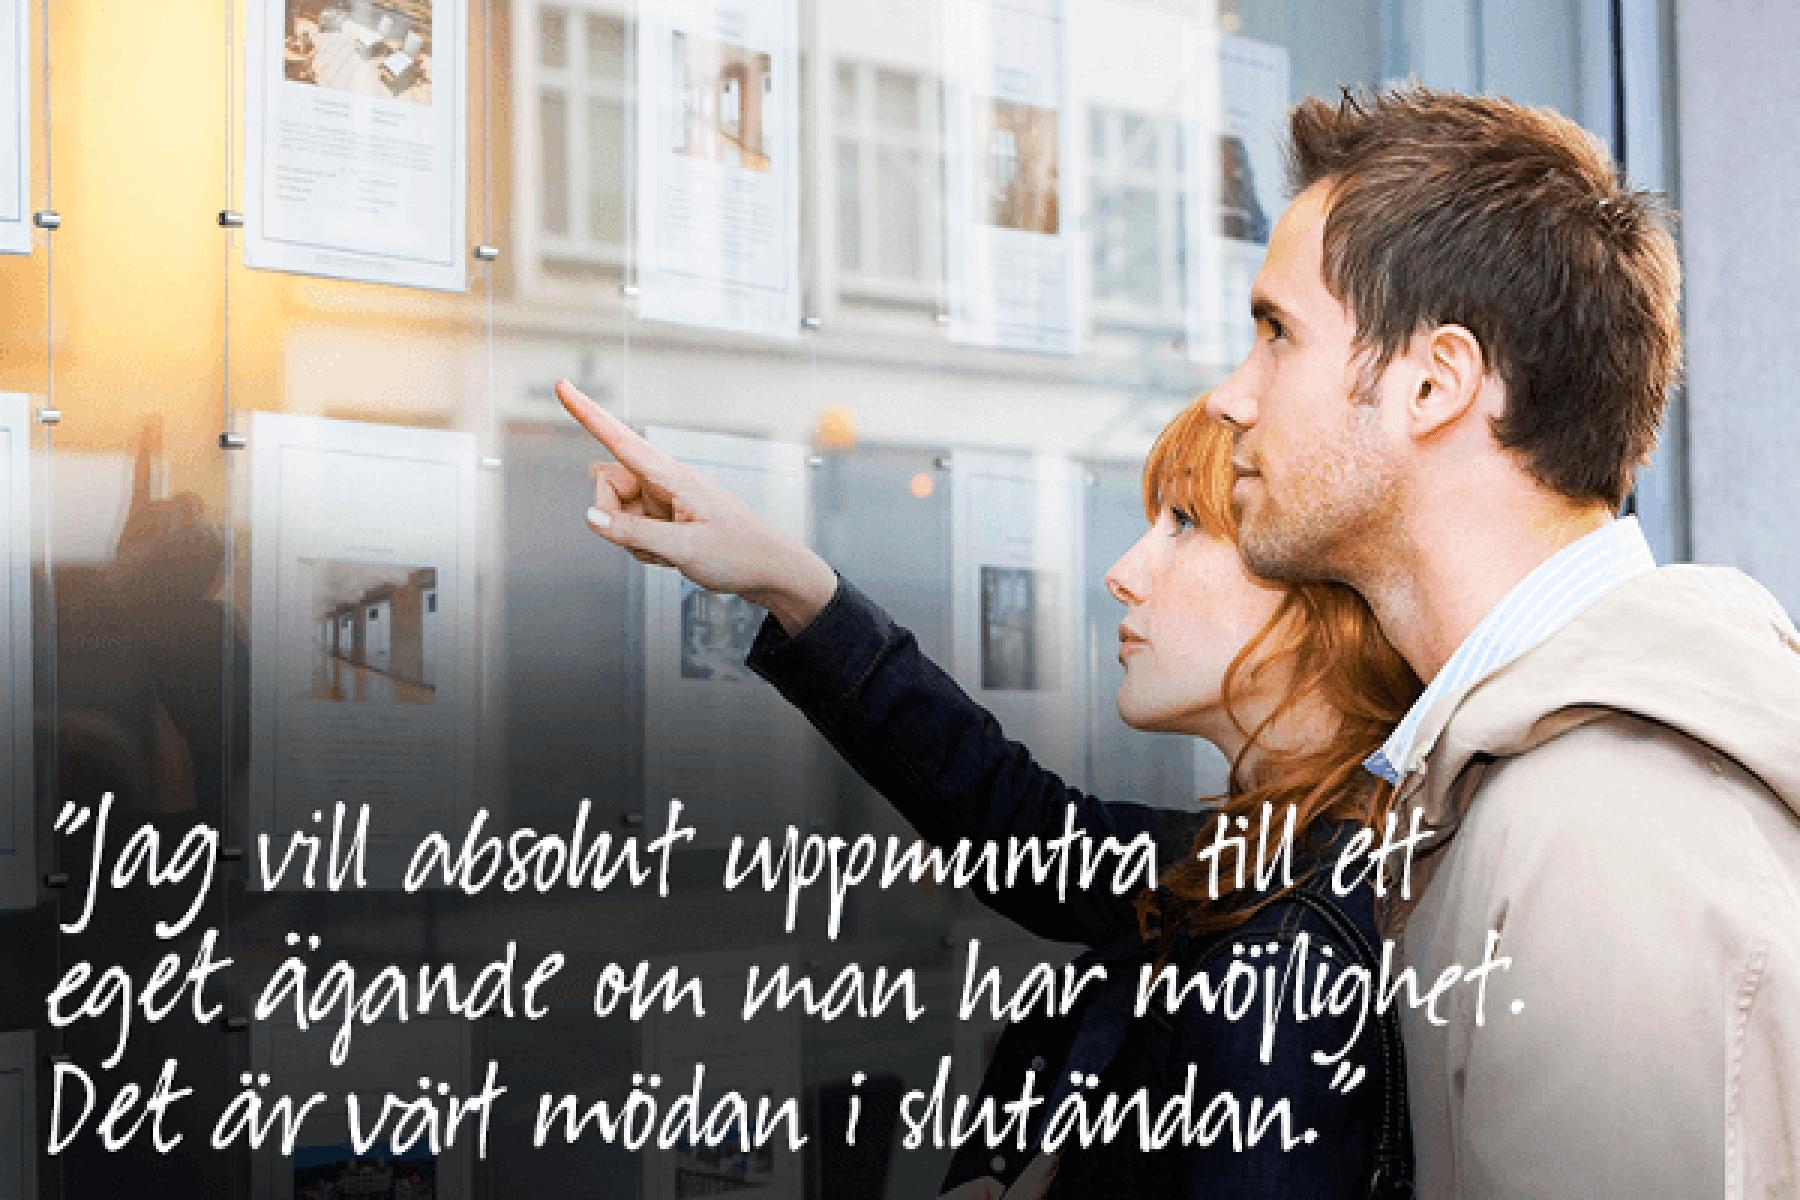 Två personer pekar mot bostadsannonser i ett fönster